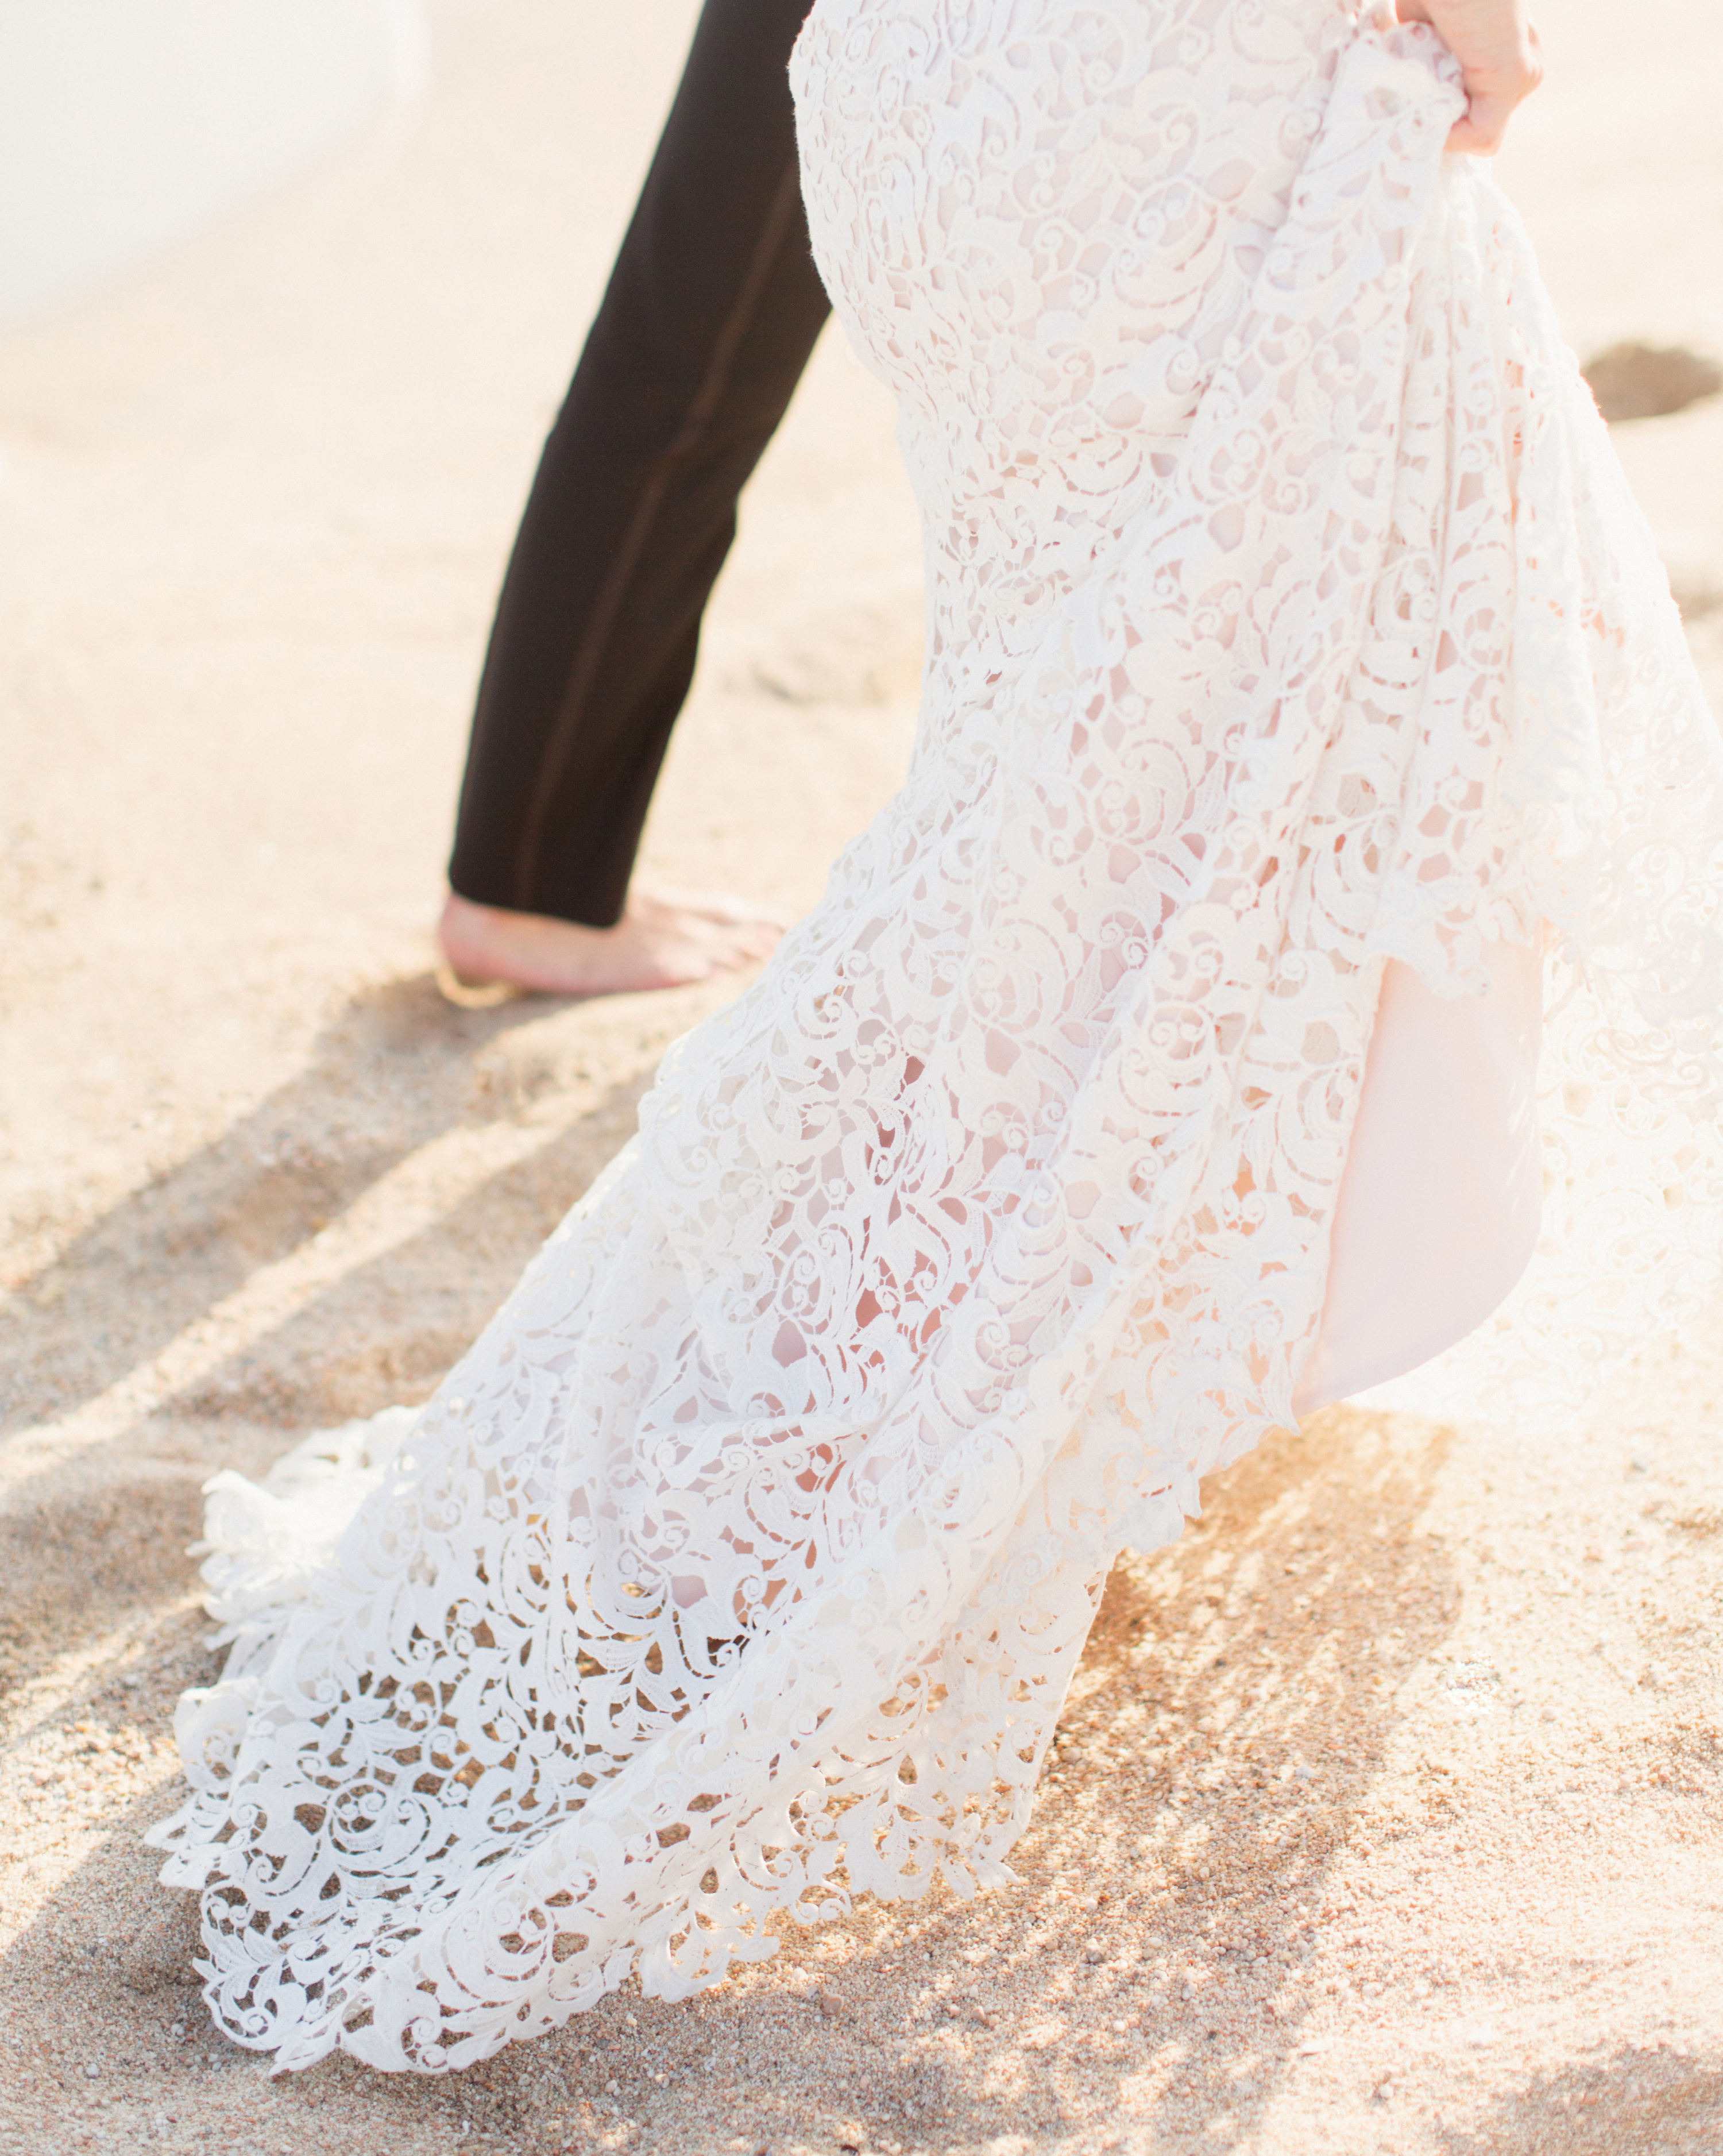 veronica-mathieu-wedding-dress-0918-s111501-1014.jpg